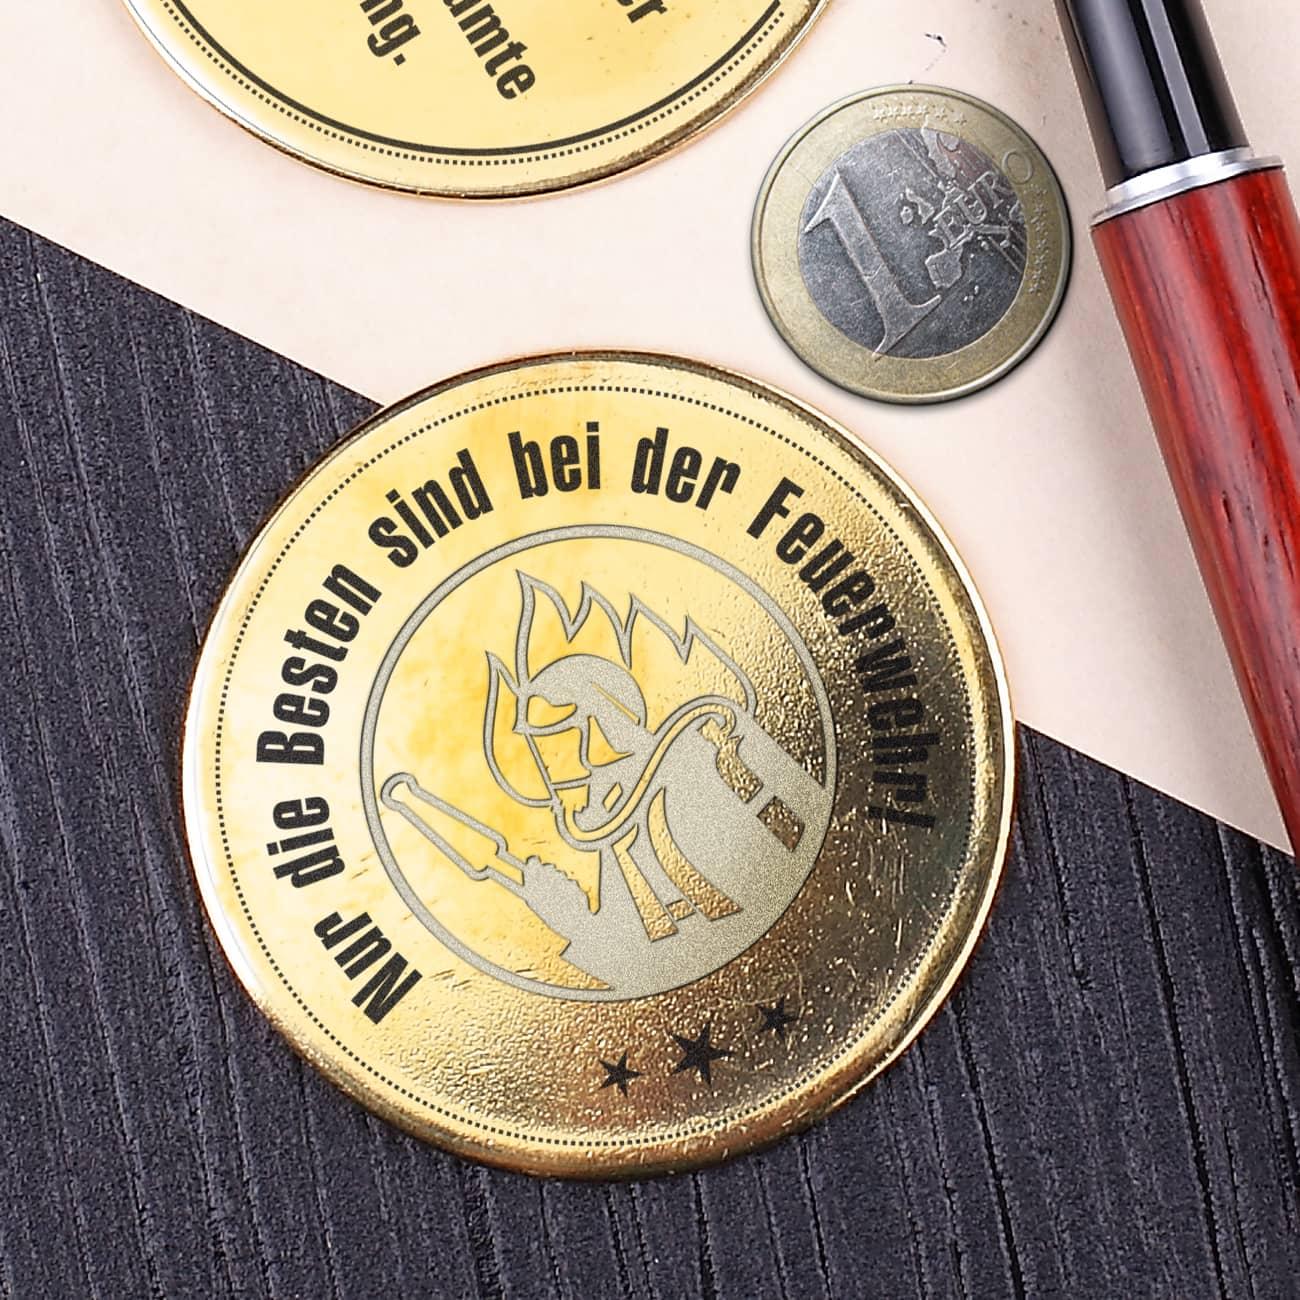 Auszeichnung In Form Einer Münze